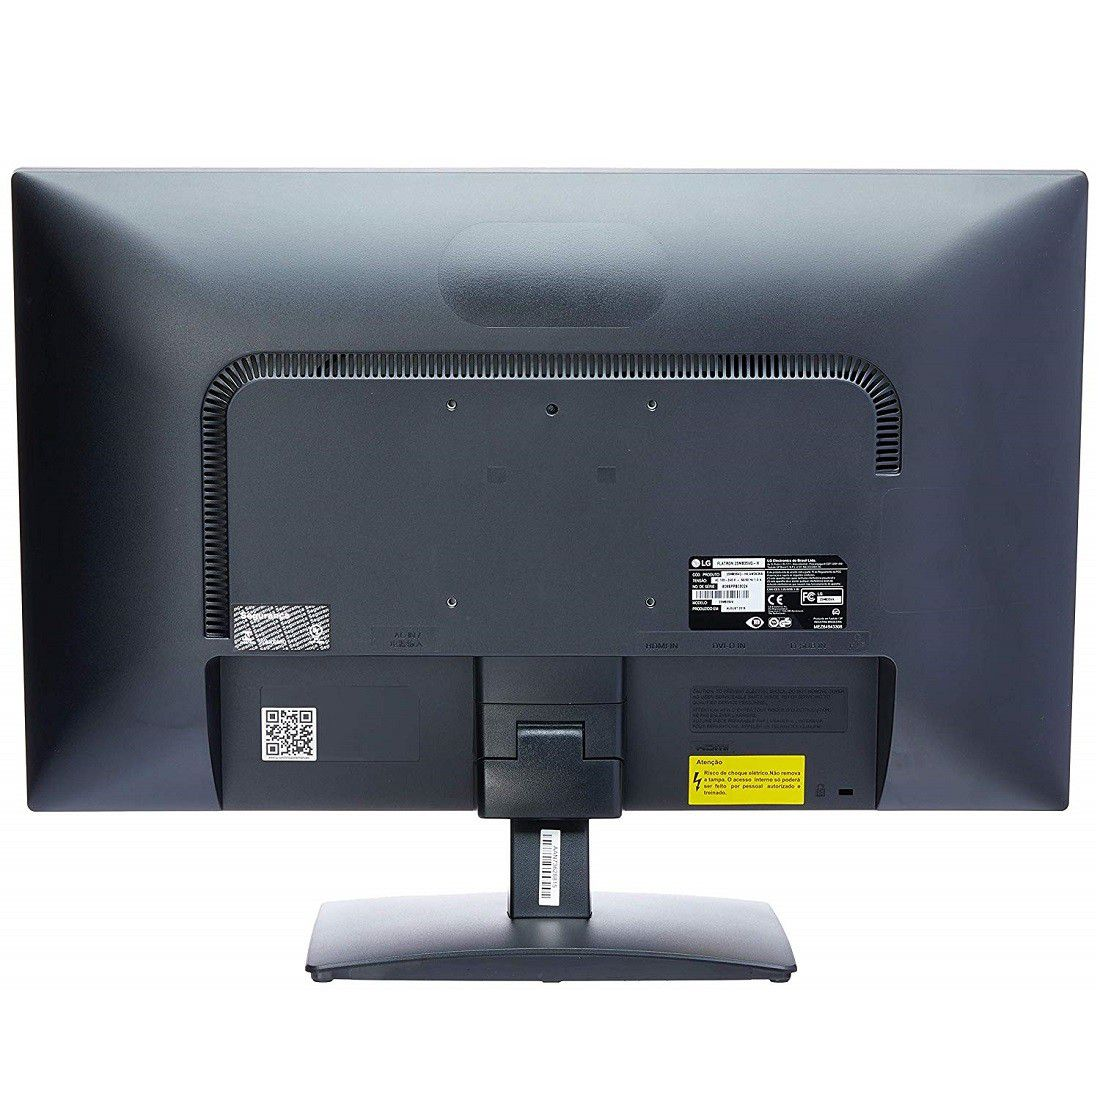 MONITOR LG 23MB35VQ-H LED IPS 23IN 1920X1080 PRETO D-SUB (RGB,DVI,HDMI) FULL HD PRETO